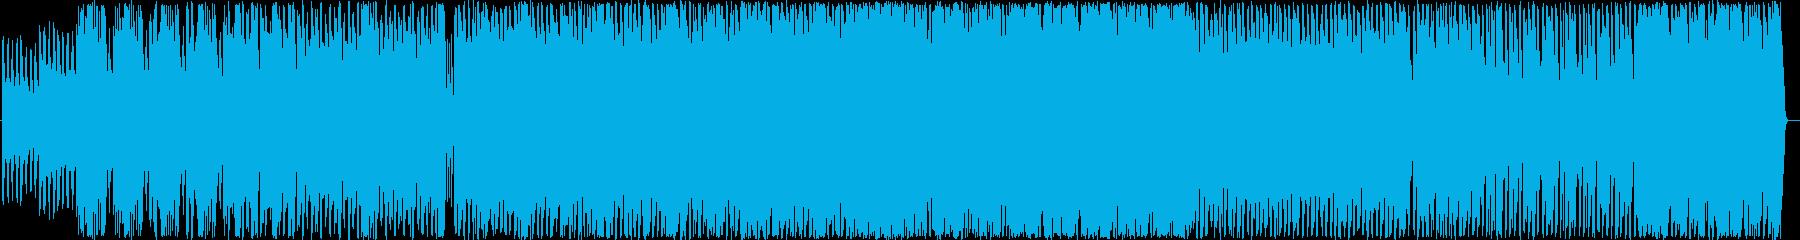 ストリングスを使用した半電子音楽の再生済みの波形